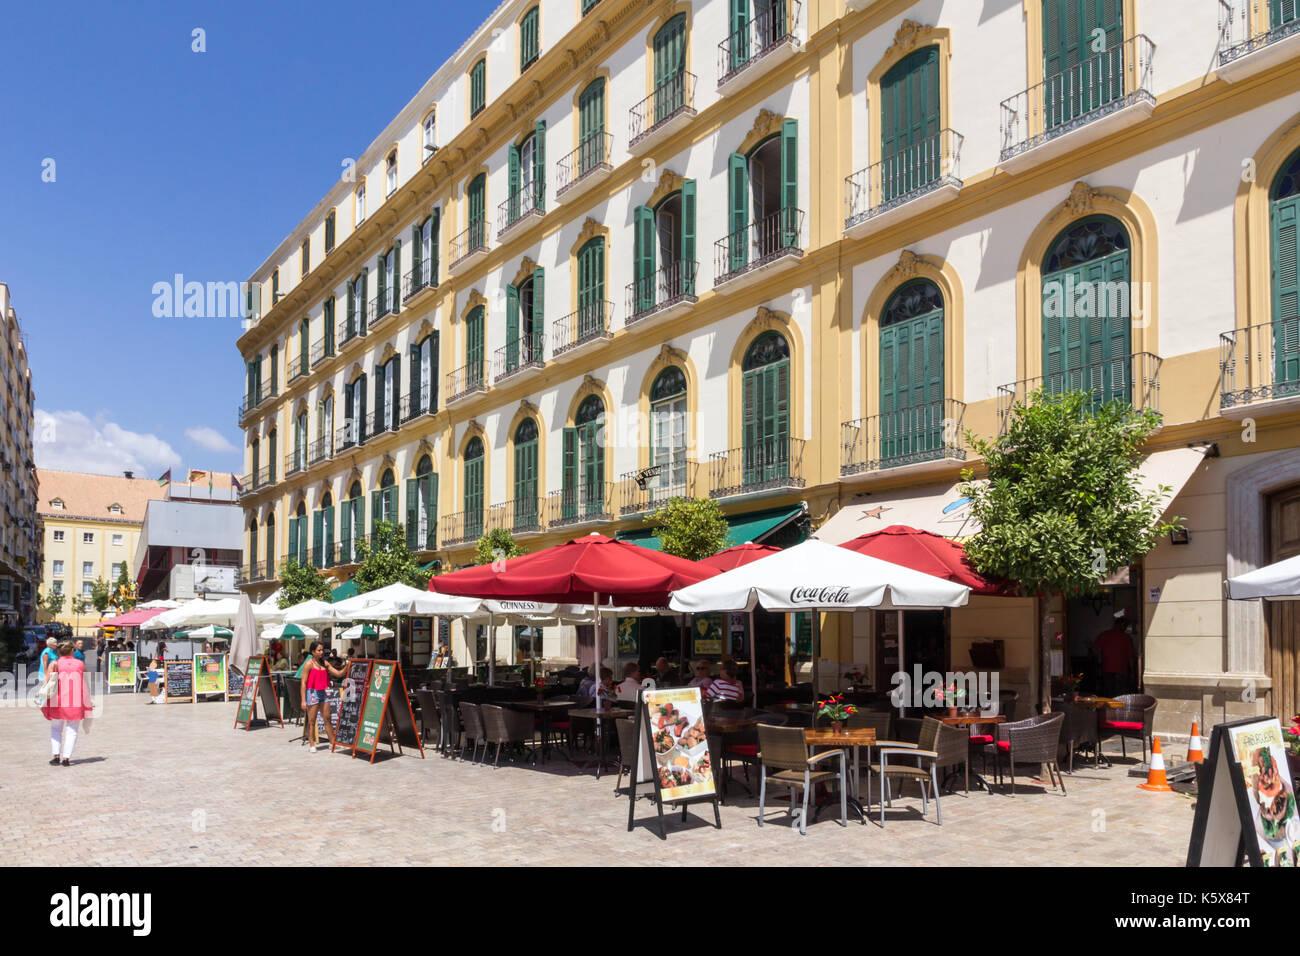 Les cafés de la Plaza de la Merced, Malaga, Espagne Banque D'Images